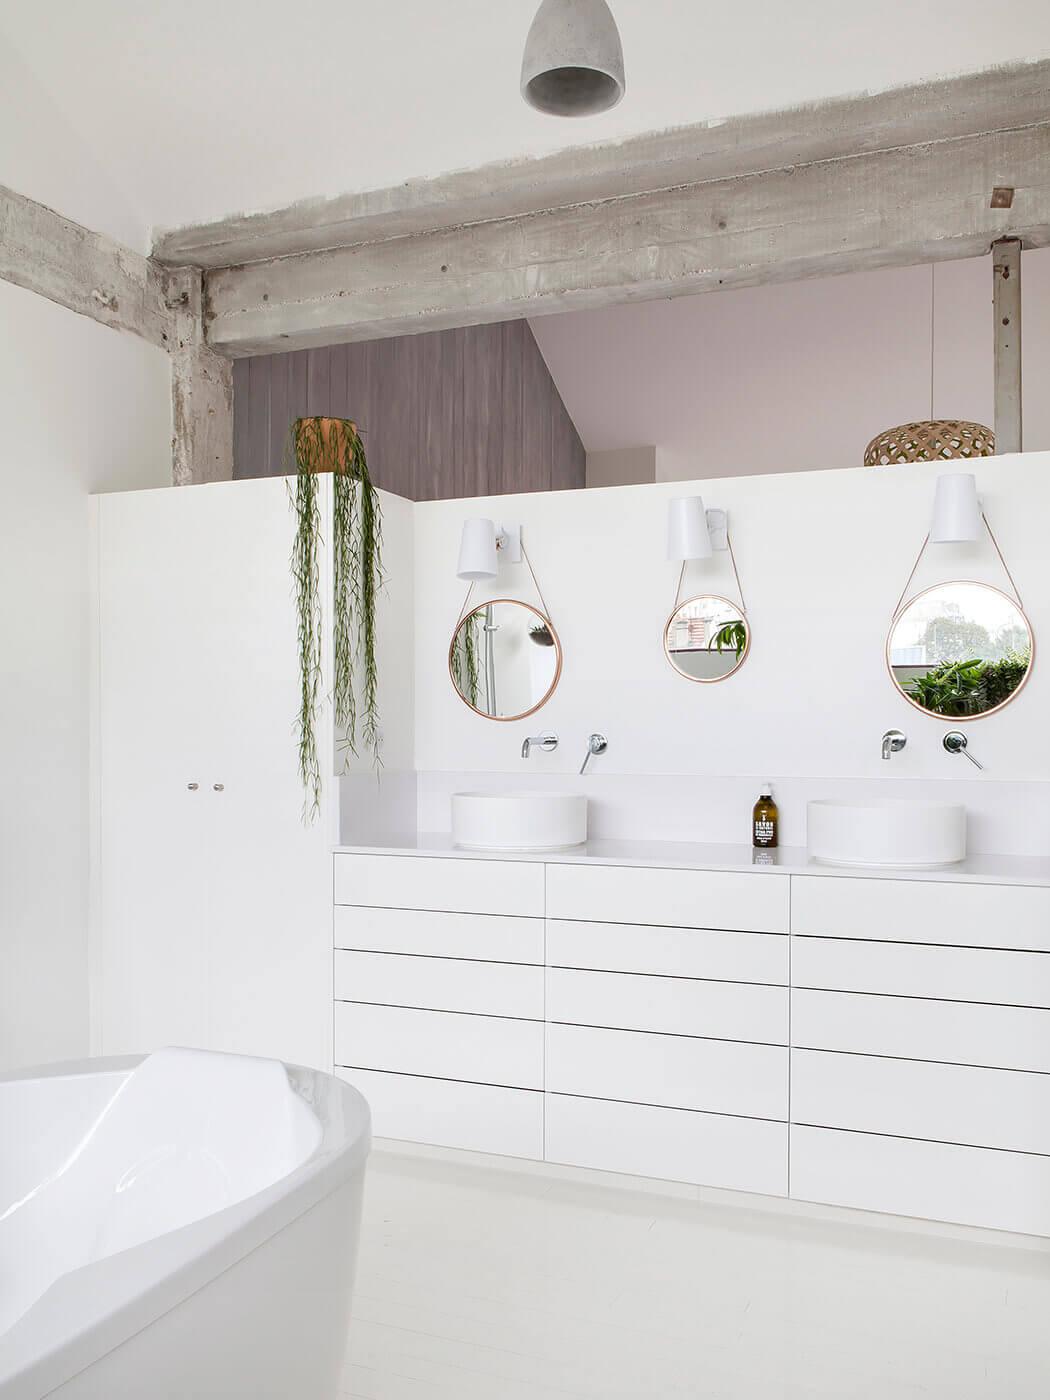 Mélange de modernisme et d'authenticité, avec cette salle de bain au blanc immaculé et ses poutres apparentes